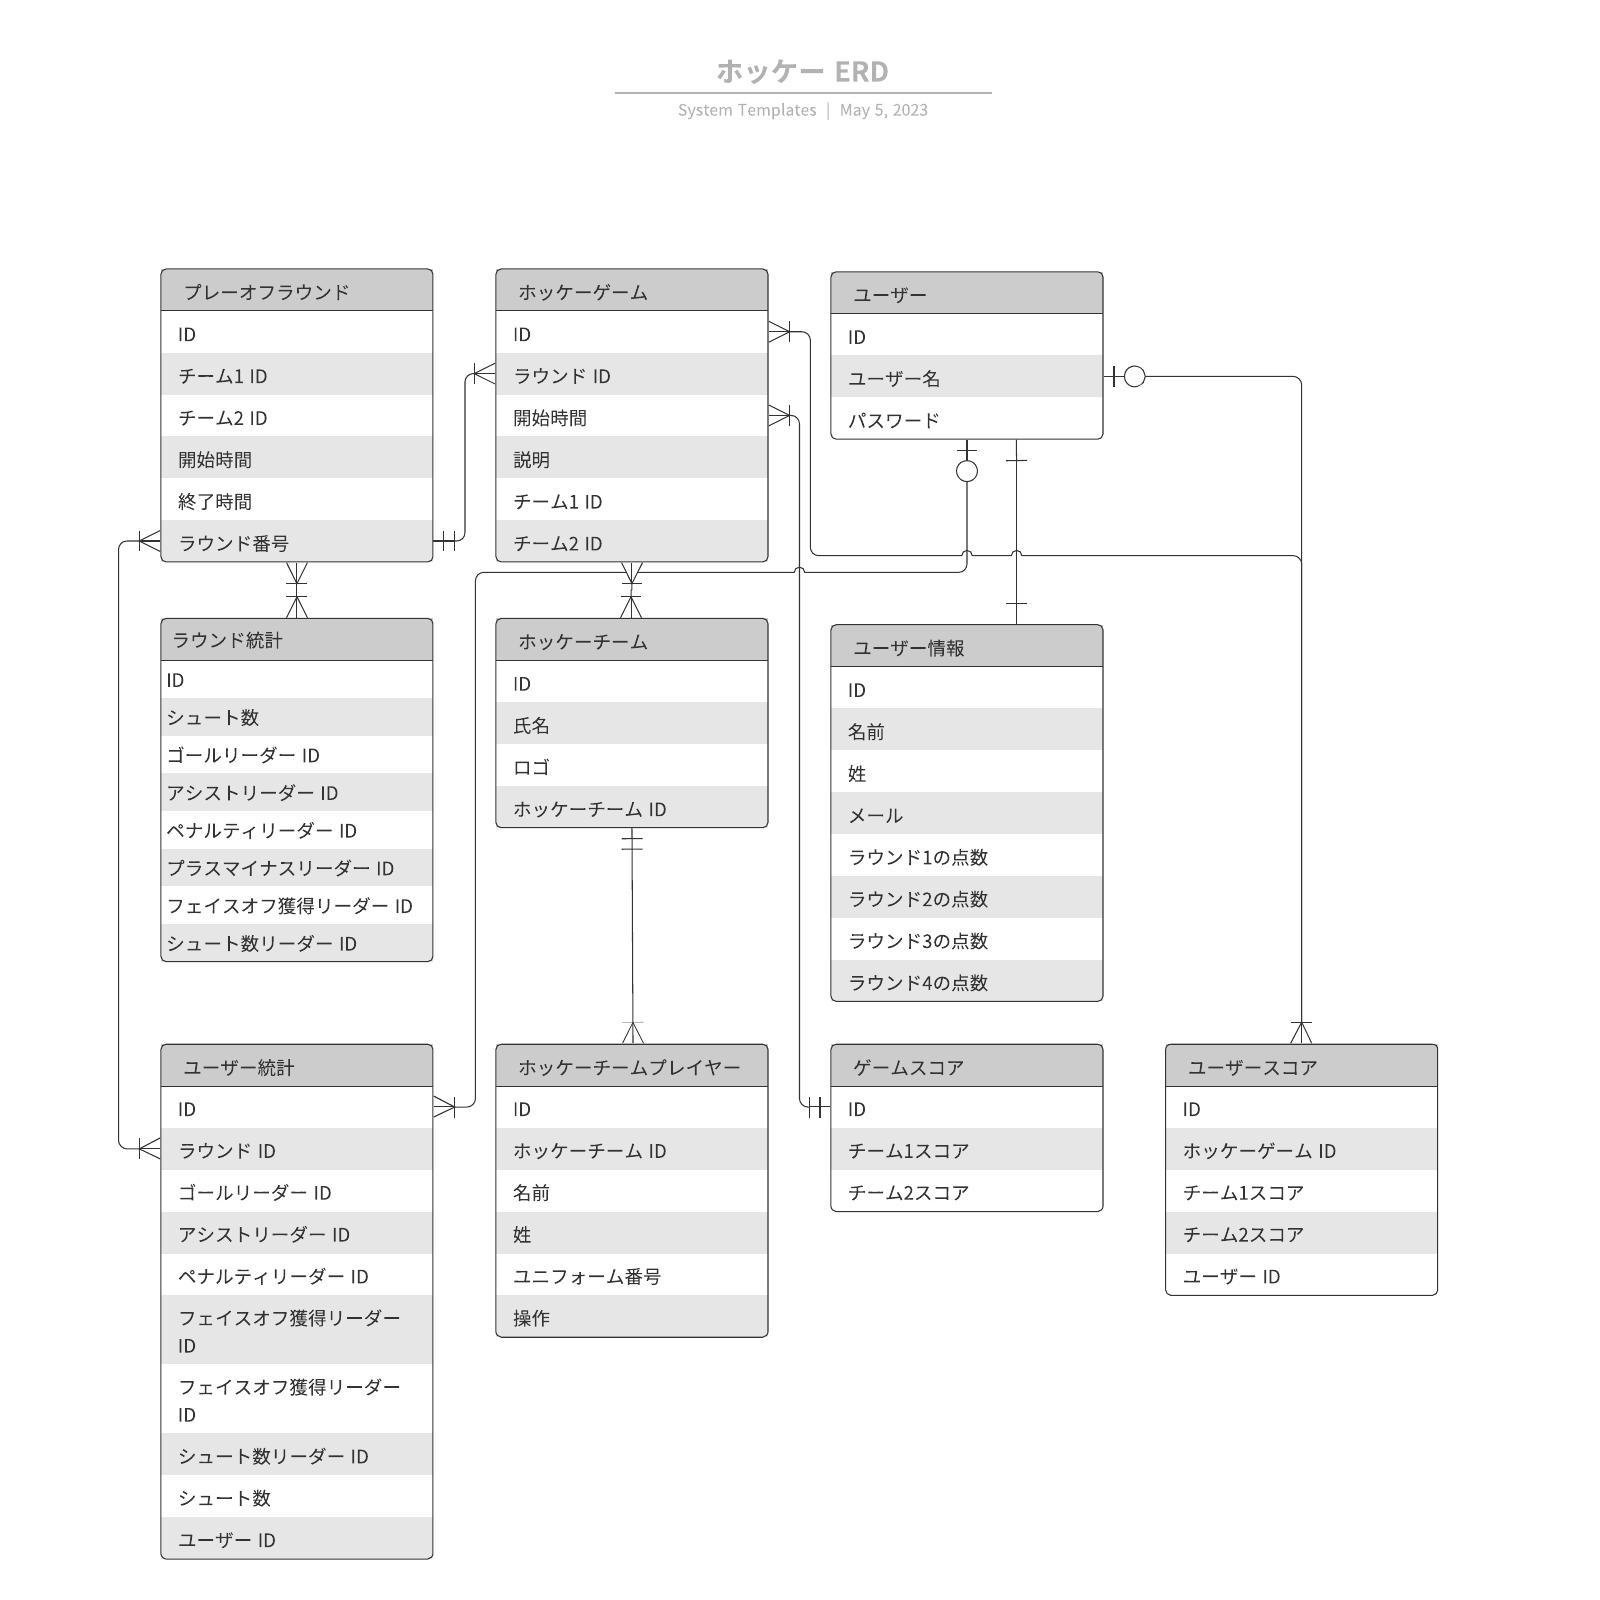 ホッケーERD参考例テンプレート(ER図)